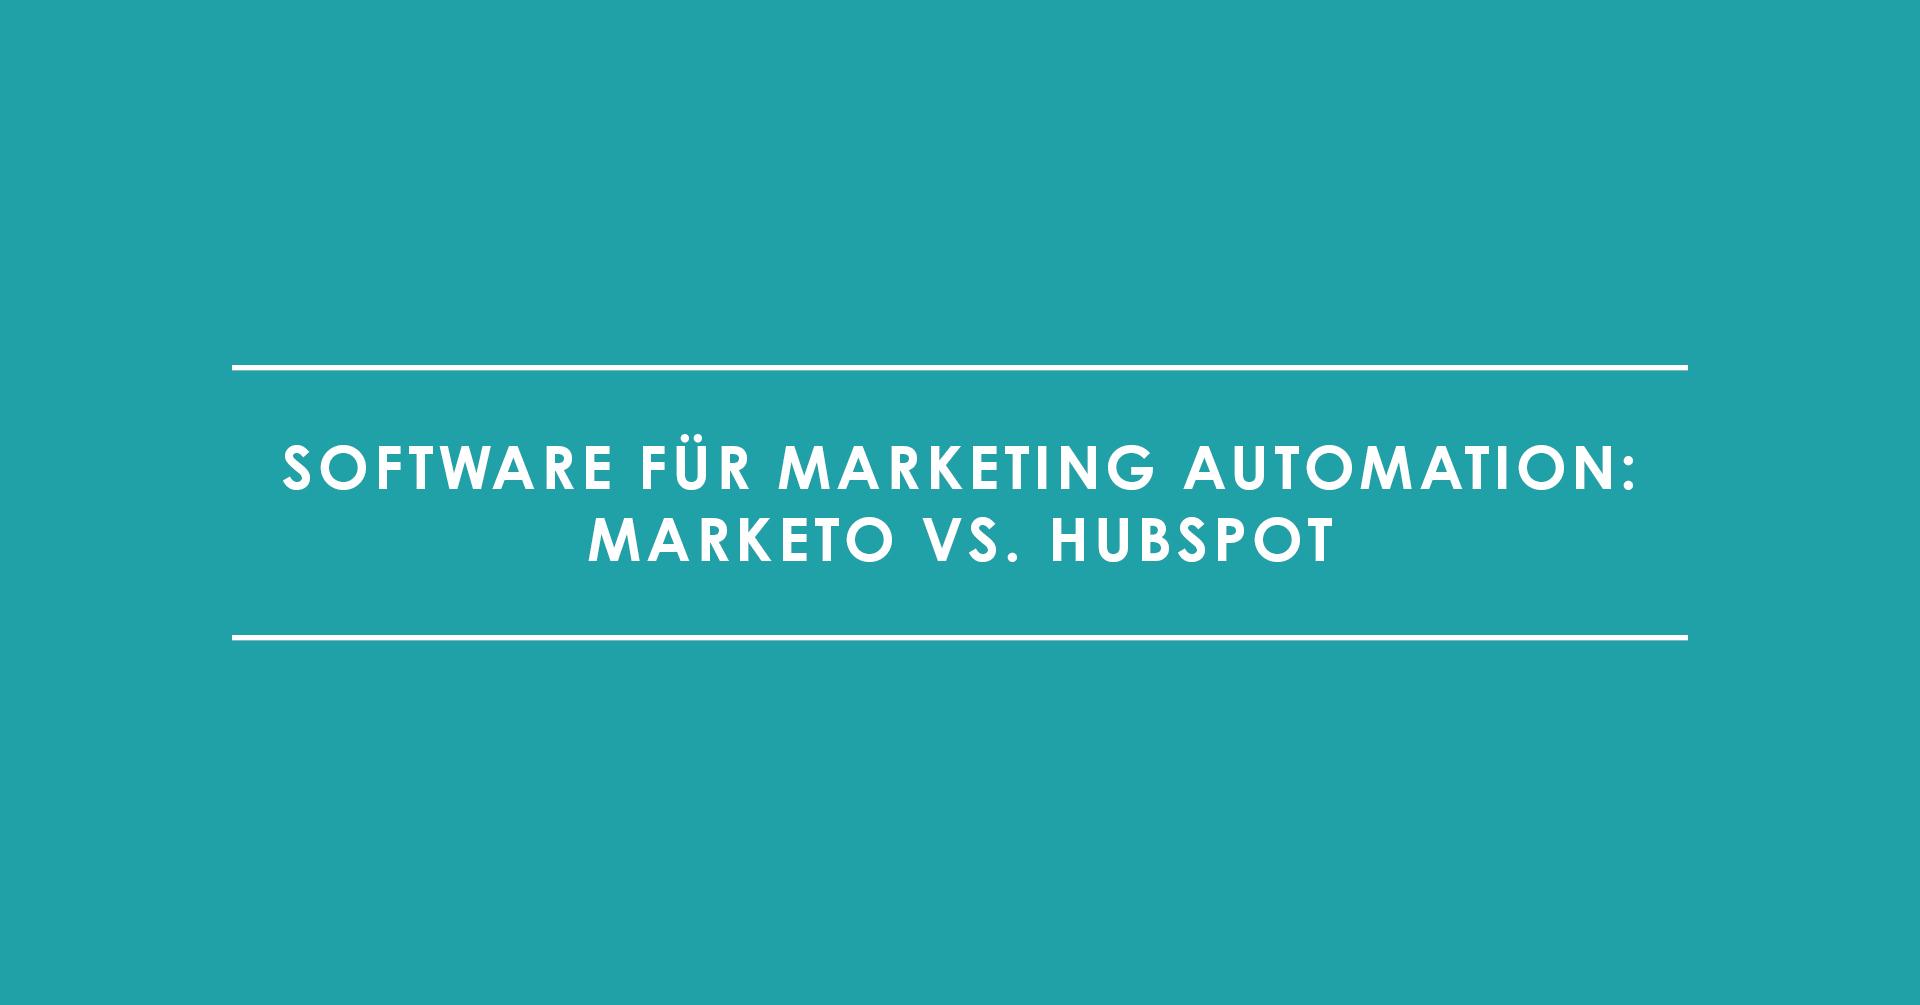 Software für Marketing Automation: Marketo vs. HubSpot